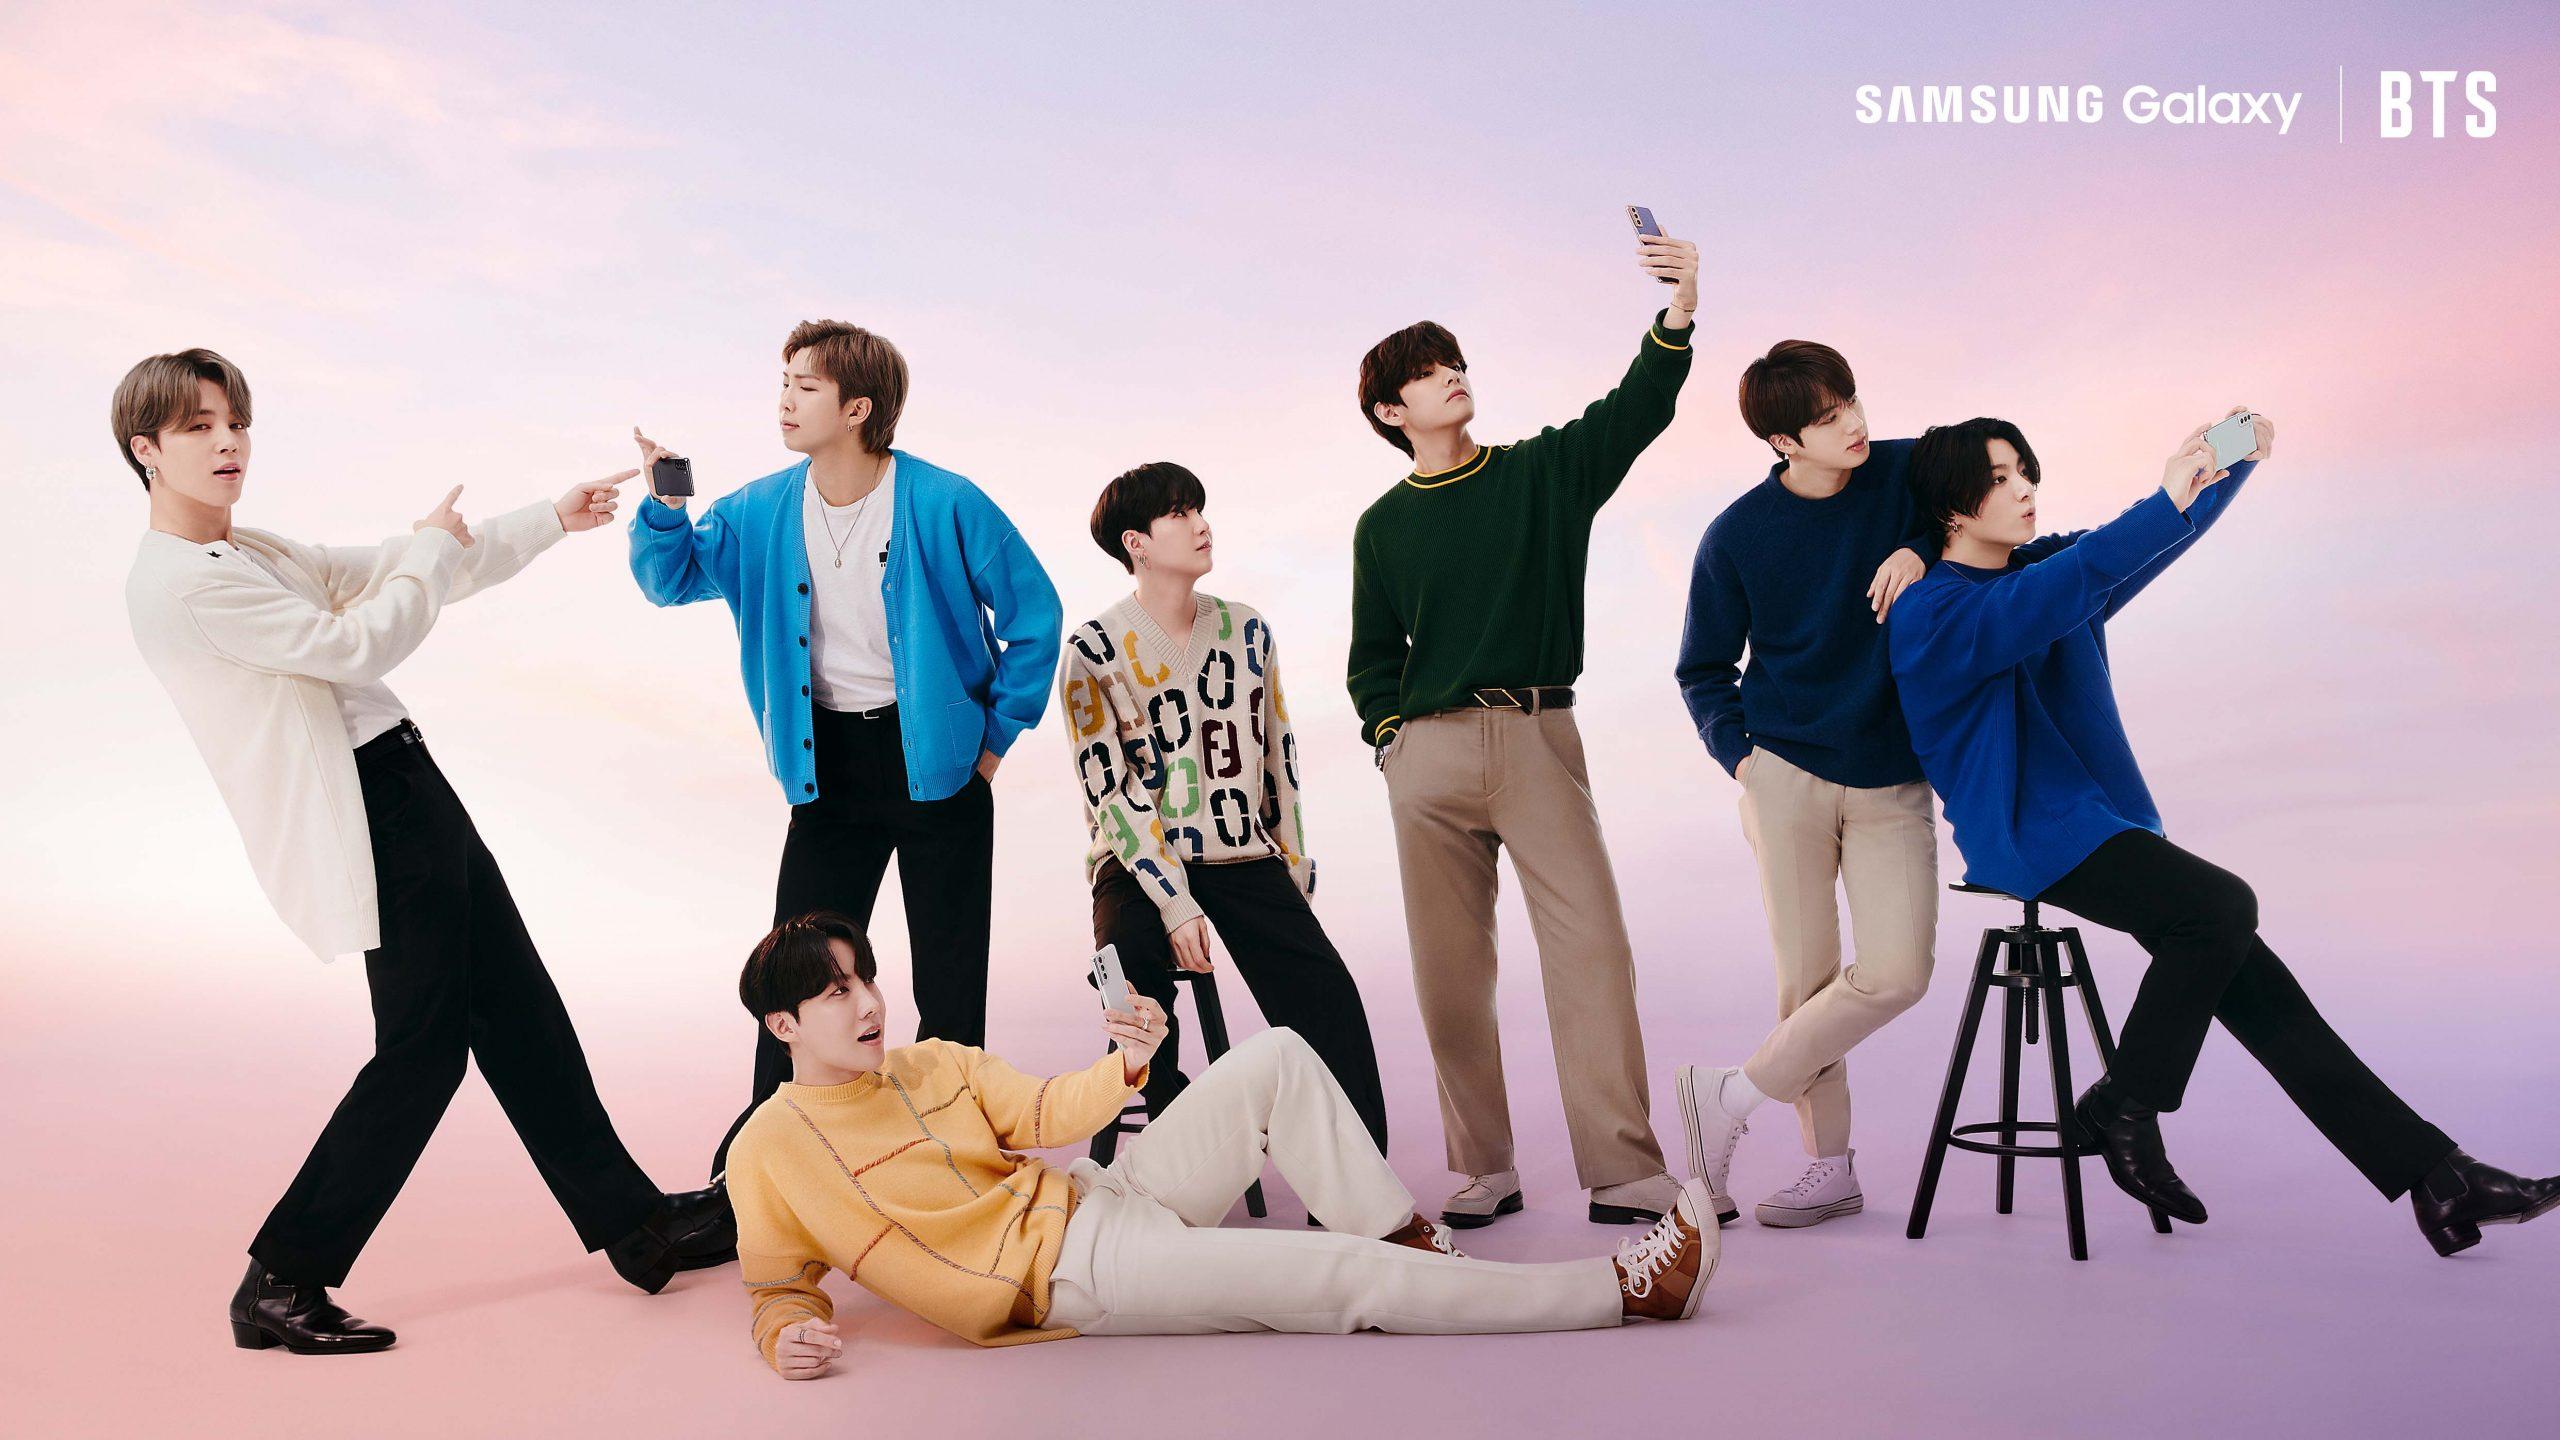 BTS divulga pré-venda da linha Galaxy S21